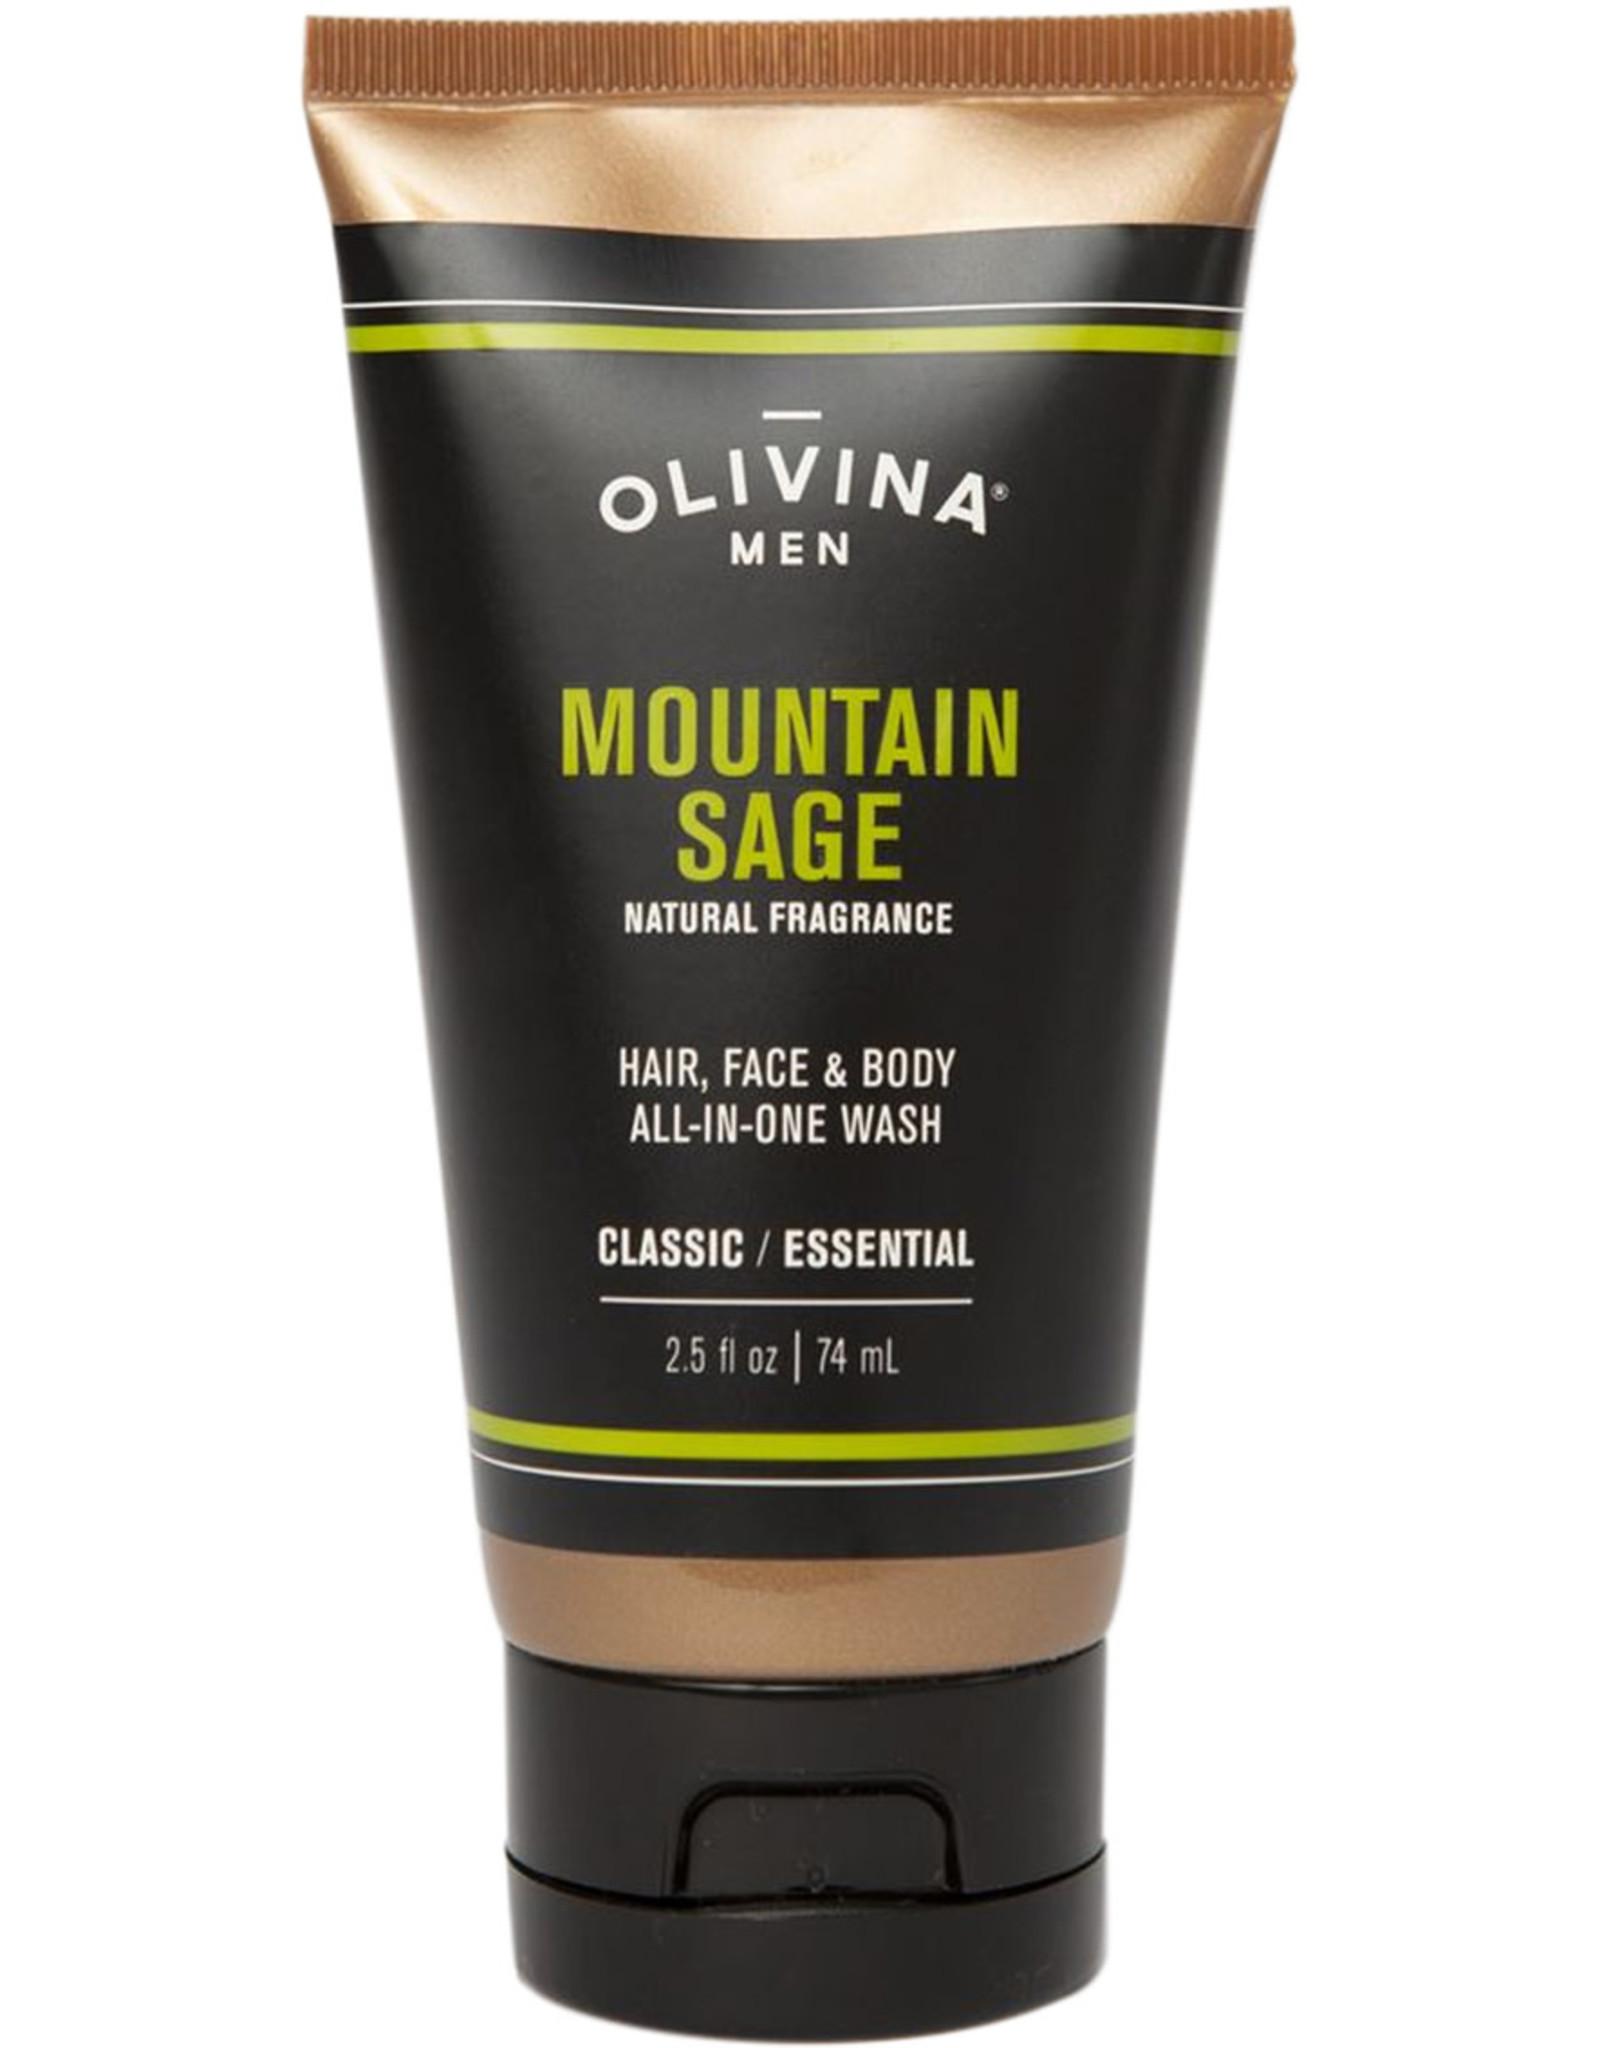 OLIVINA BODY WASH TUBE 2.5 OZ MOUNTAIN SAGE